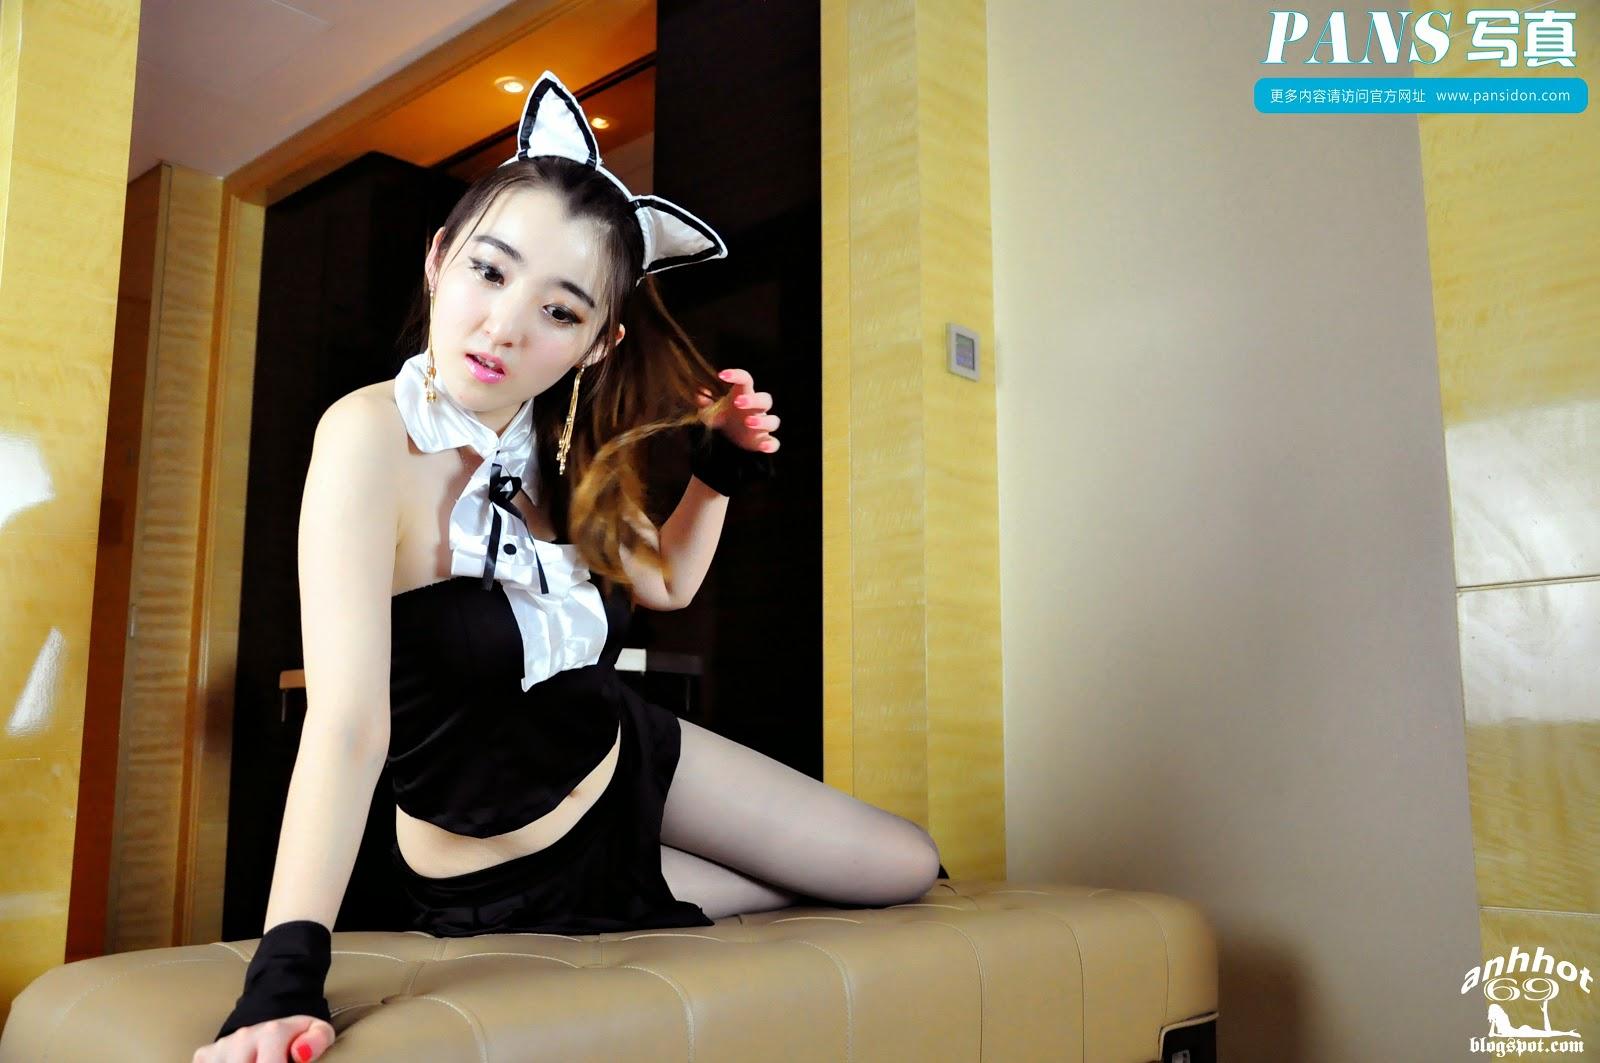 zi_xuan-pansidon-02547761